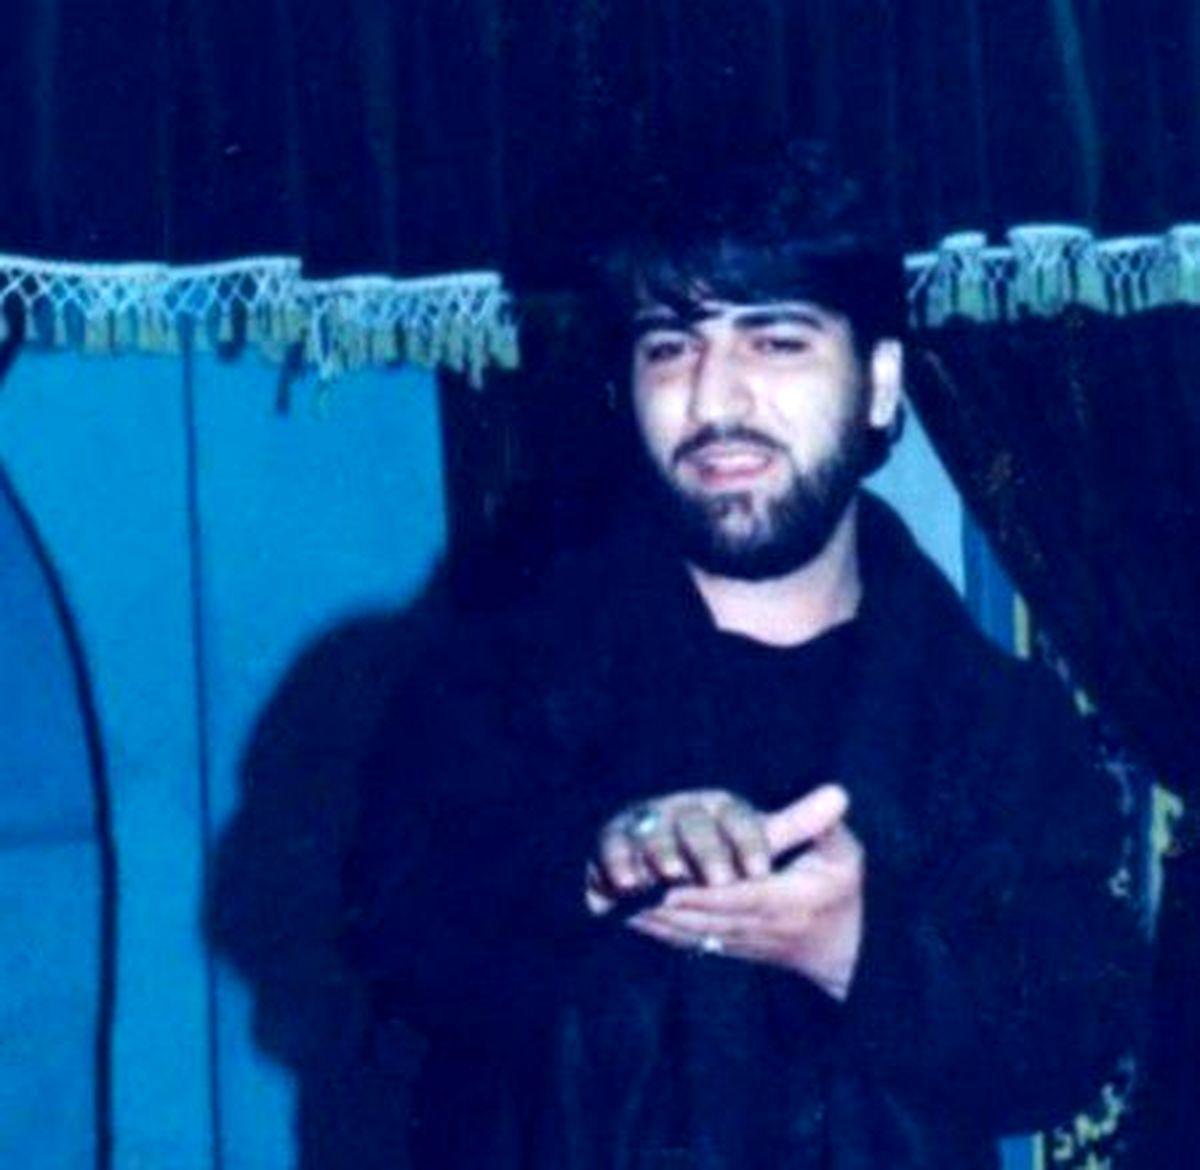 مداحی سید جواد ذاکر کربلا دارالنعیم زینب است